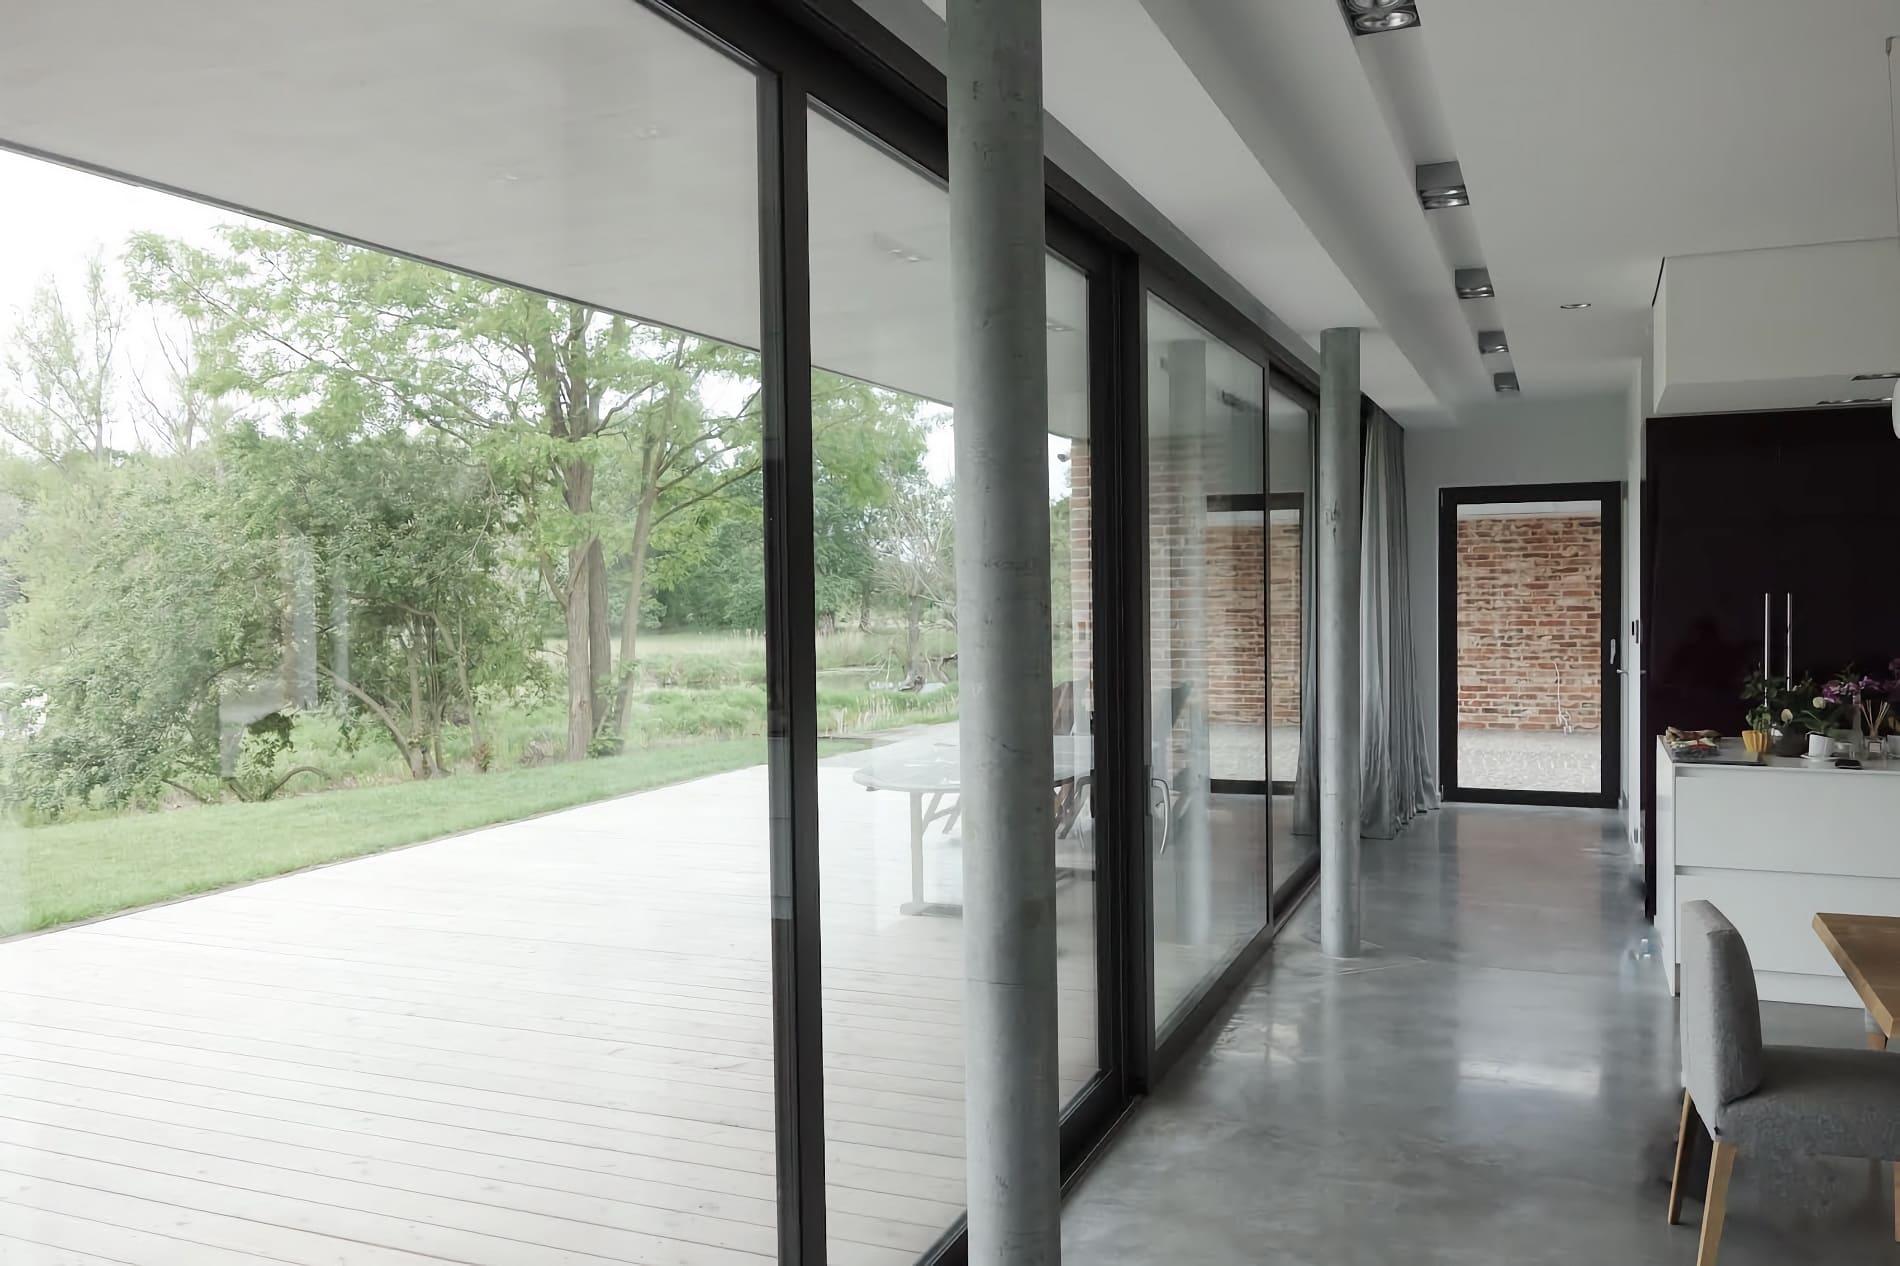 projekt architektoniczny wnętrza rezydencja pod Wrocławiem - projektowanie wnętrz Prima Wrocław (7)